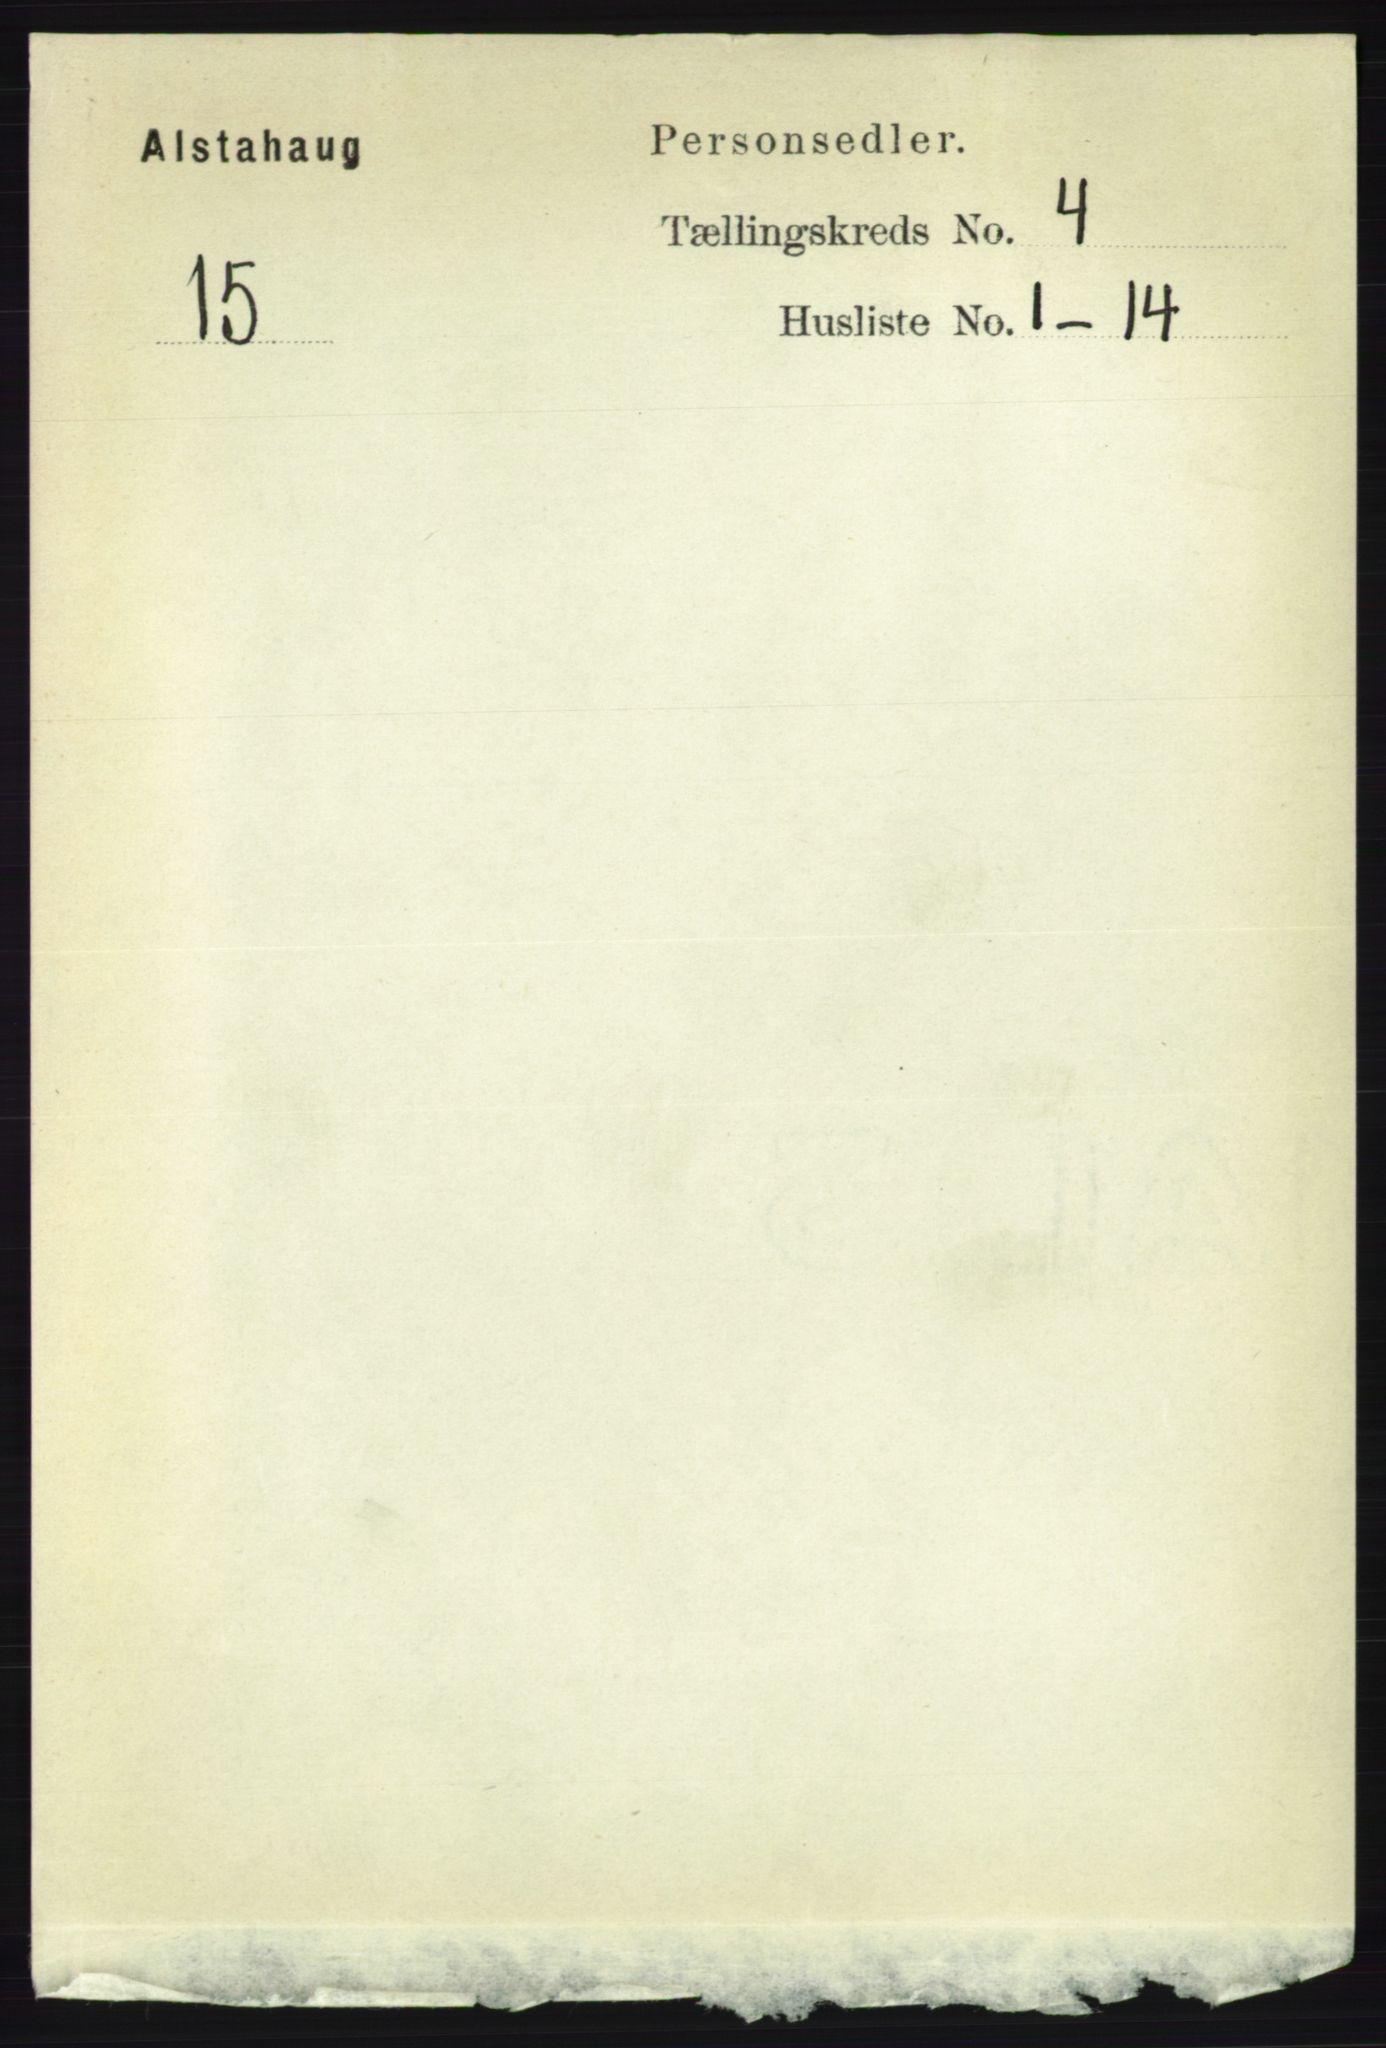 RA, Folketelling 1891 for 1820 Alstahaug herred, 1891, s. 1496